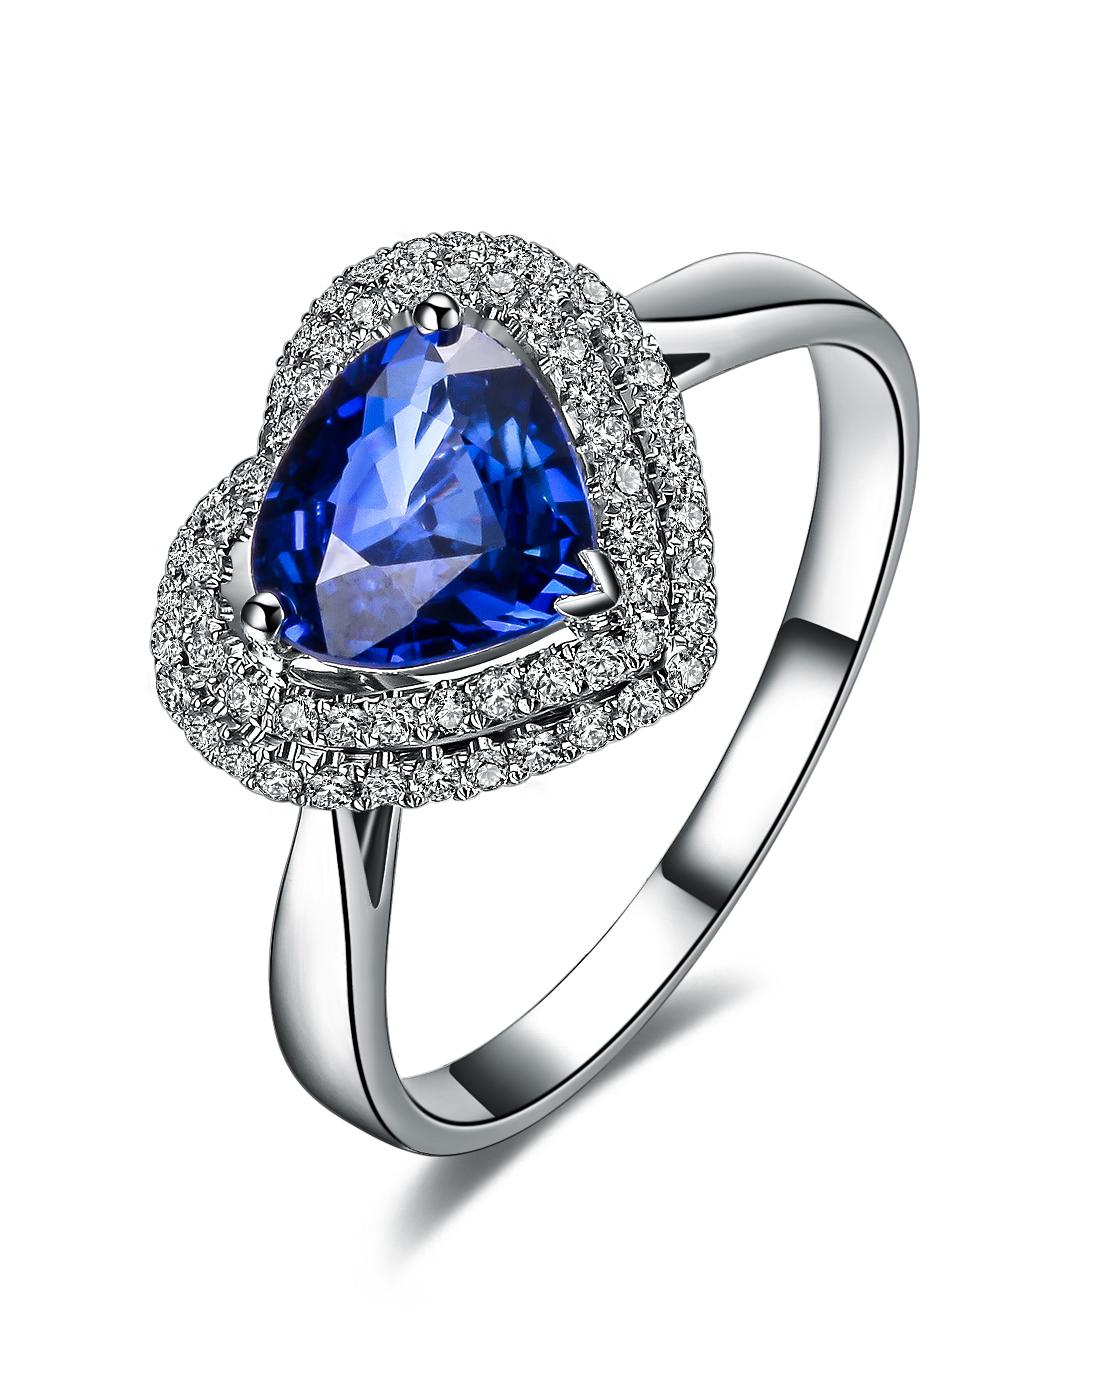 》》点击进入【灵心幽美】 白18K金蓝宝石戒指 正品珠宝